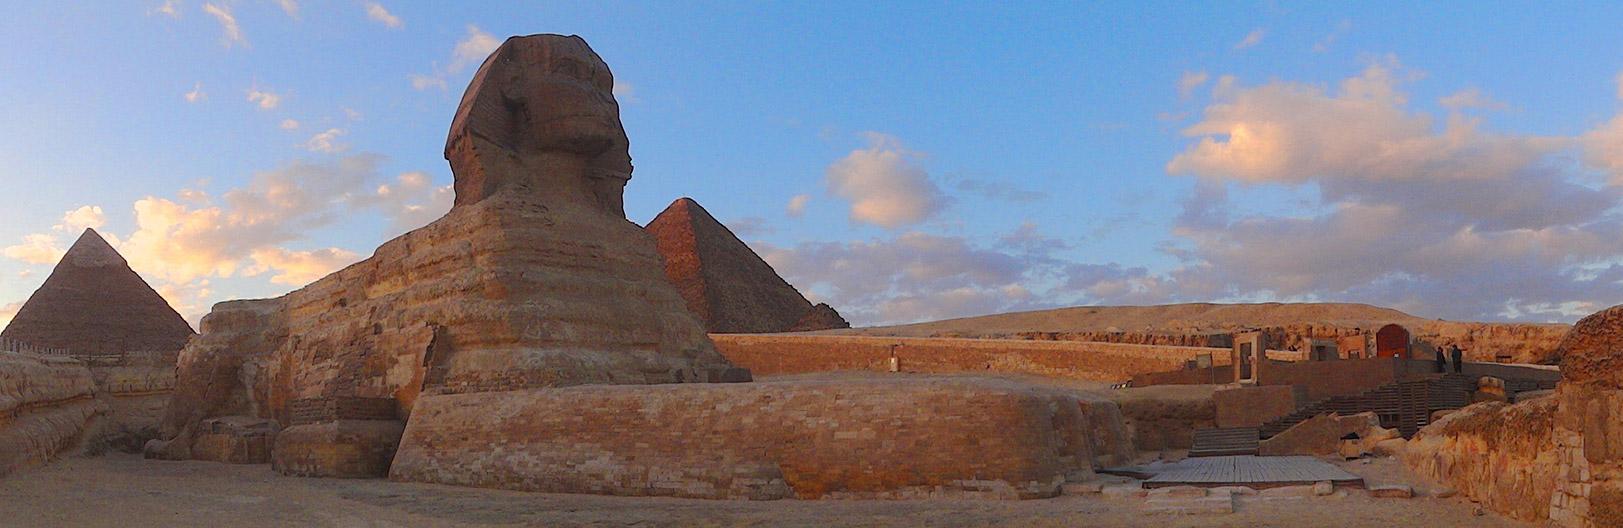 Egypt-Banner-BKG-2018